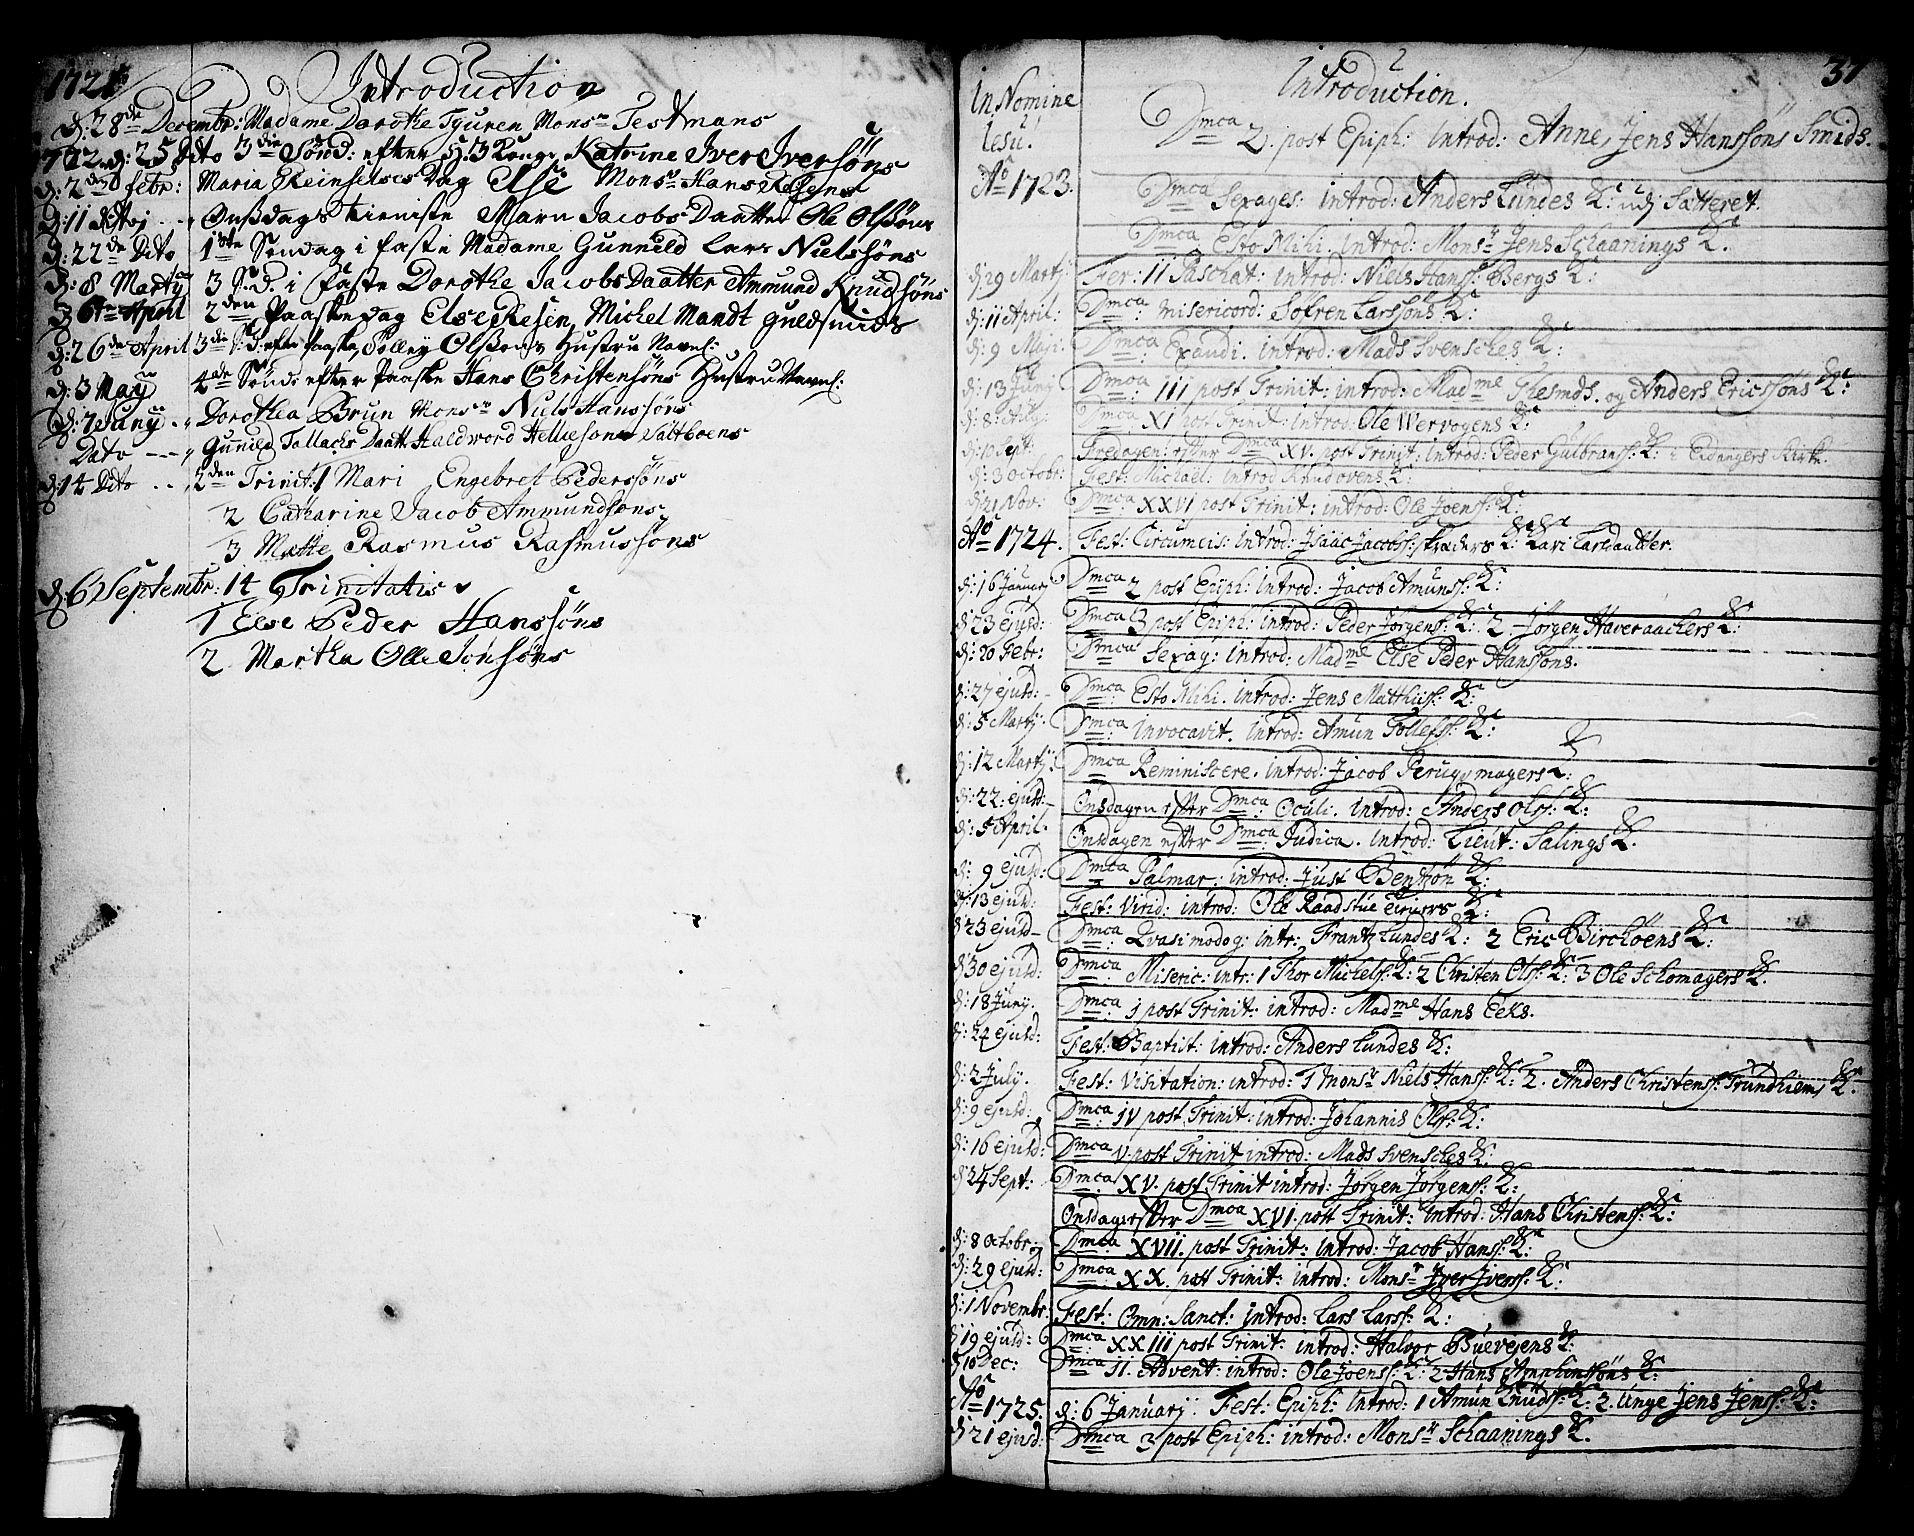 SAKO, Brevik kirkebøker, F/Fa/L0002: Ministerialbok nr. 2, 1720-1764, s. 37